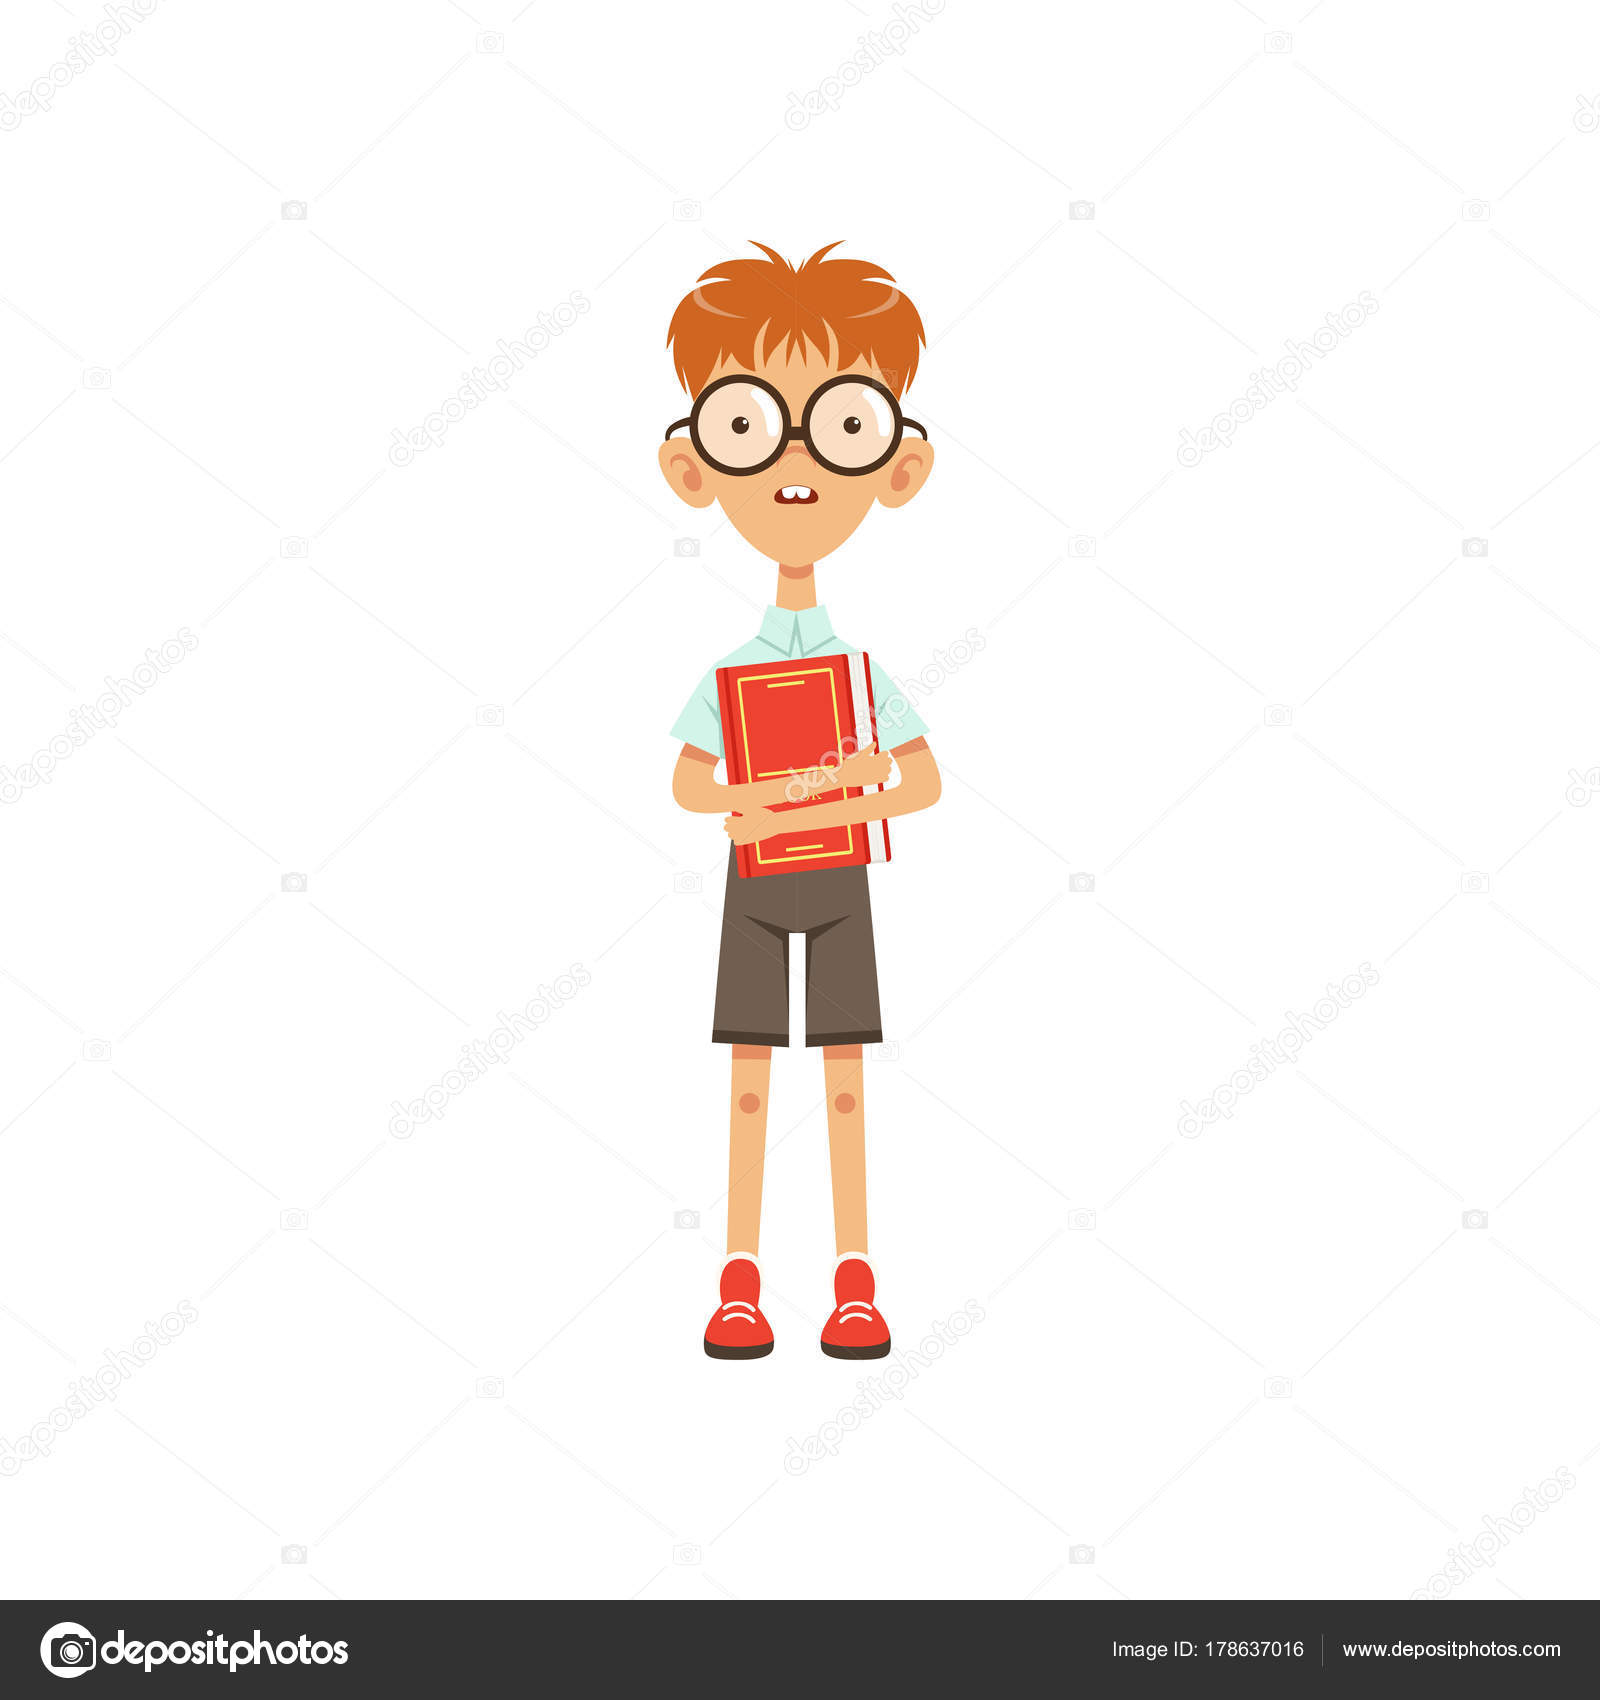 Scolaro di nerd fumetto in piedi con il libro in mano. concetto di